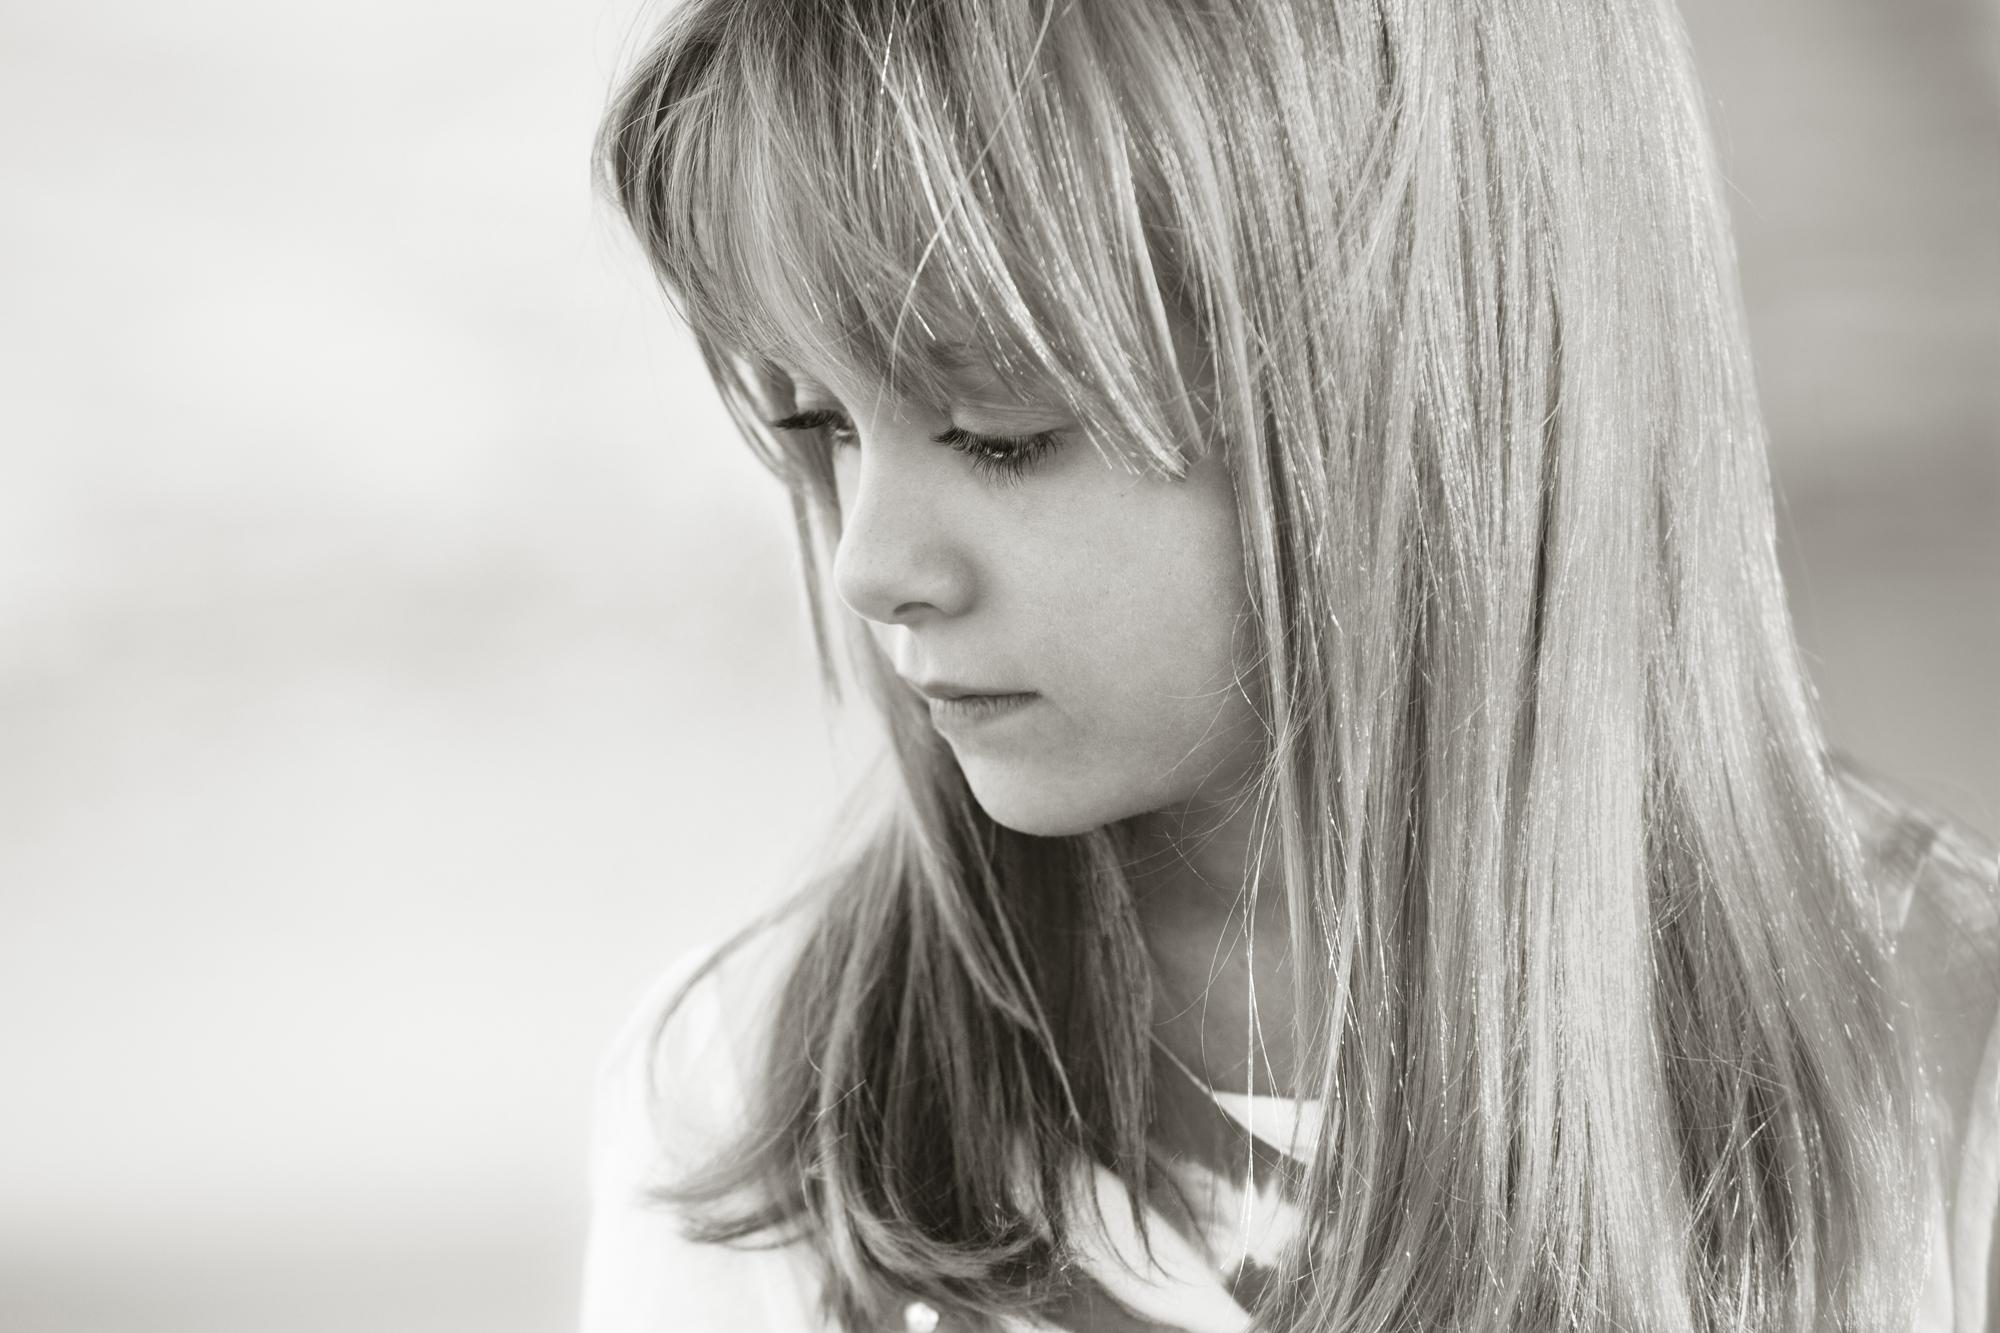 lucille-khornak-children-alone34.jpg